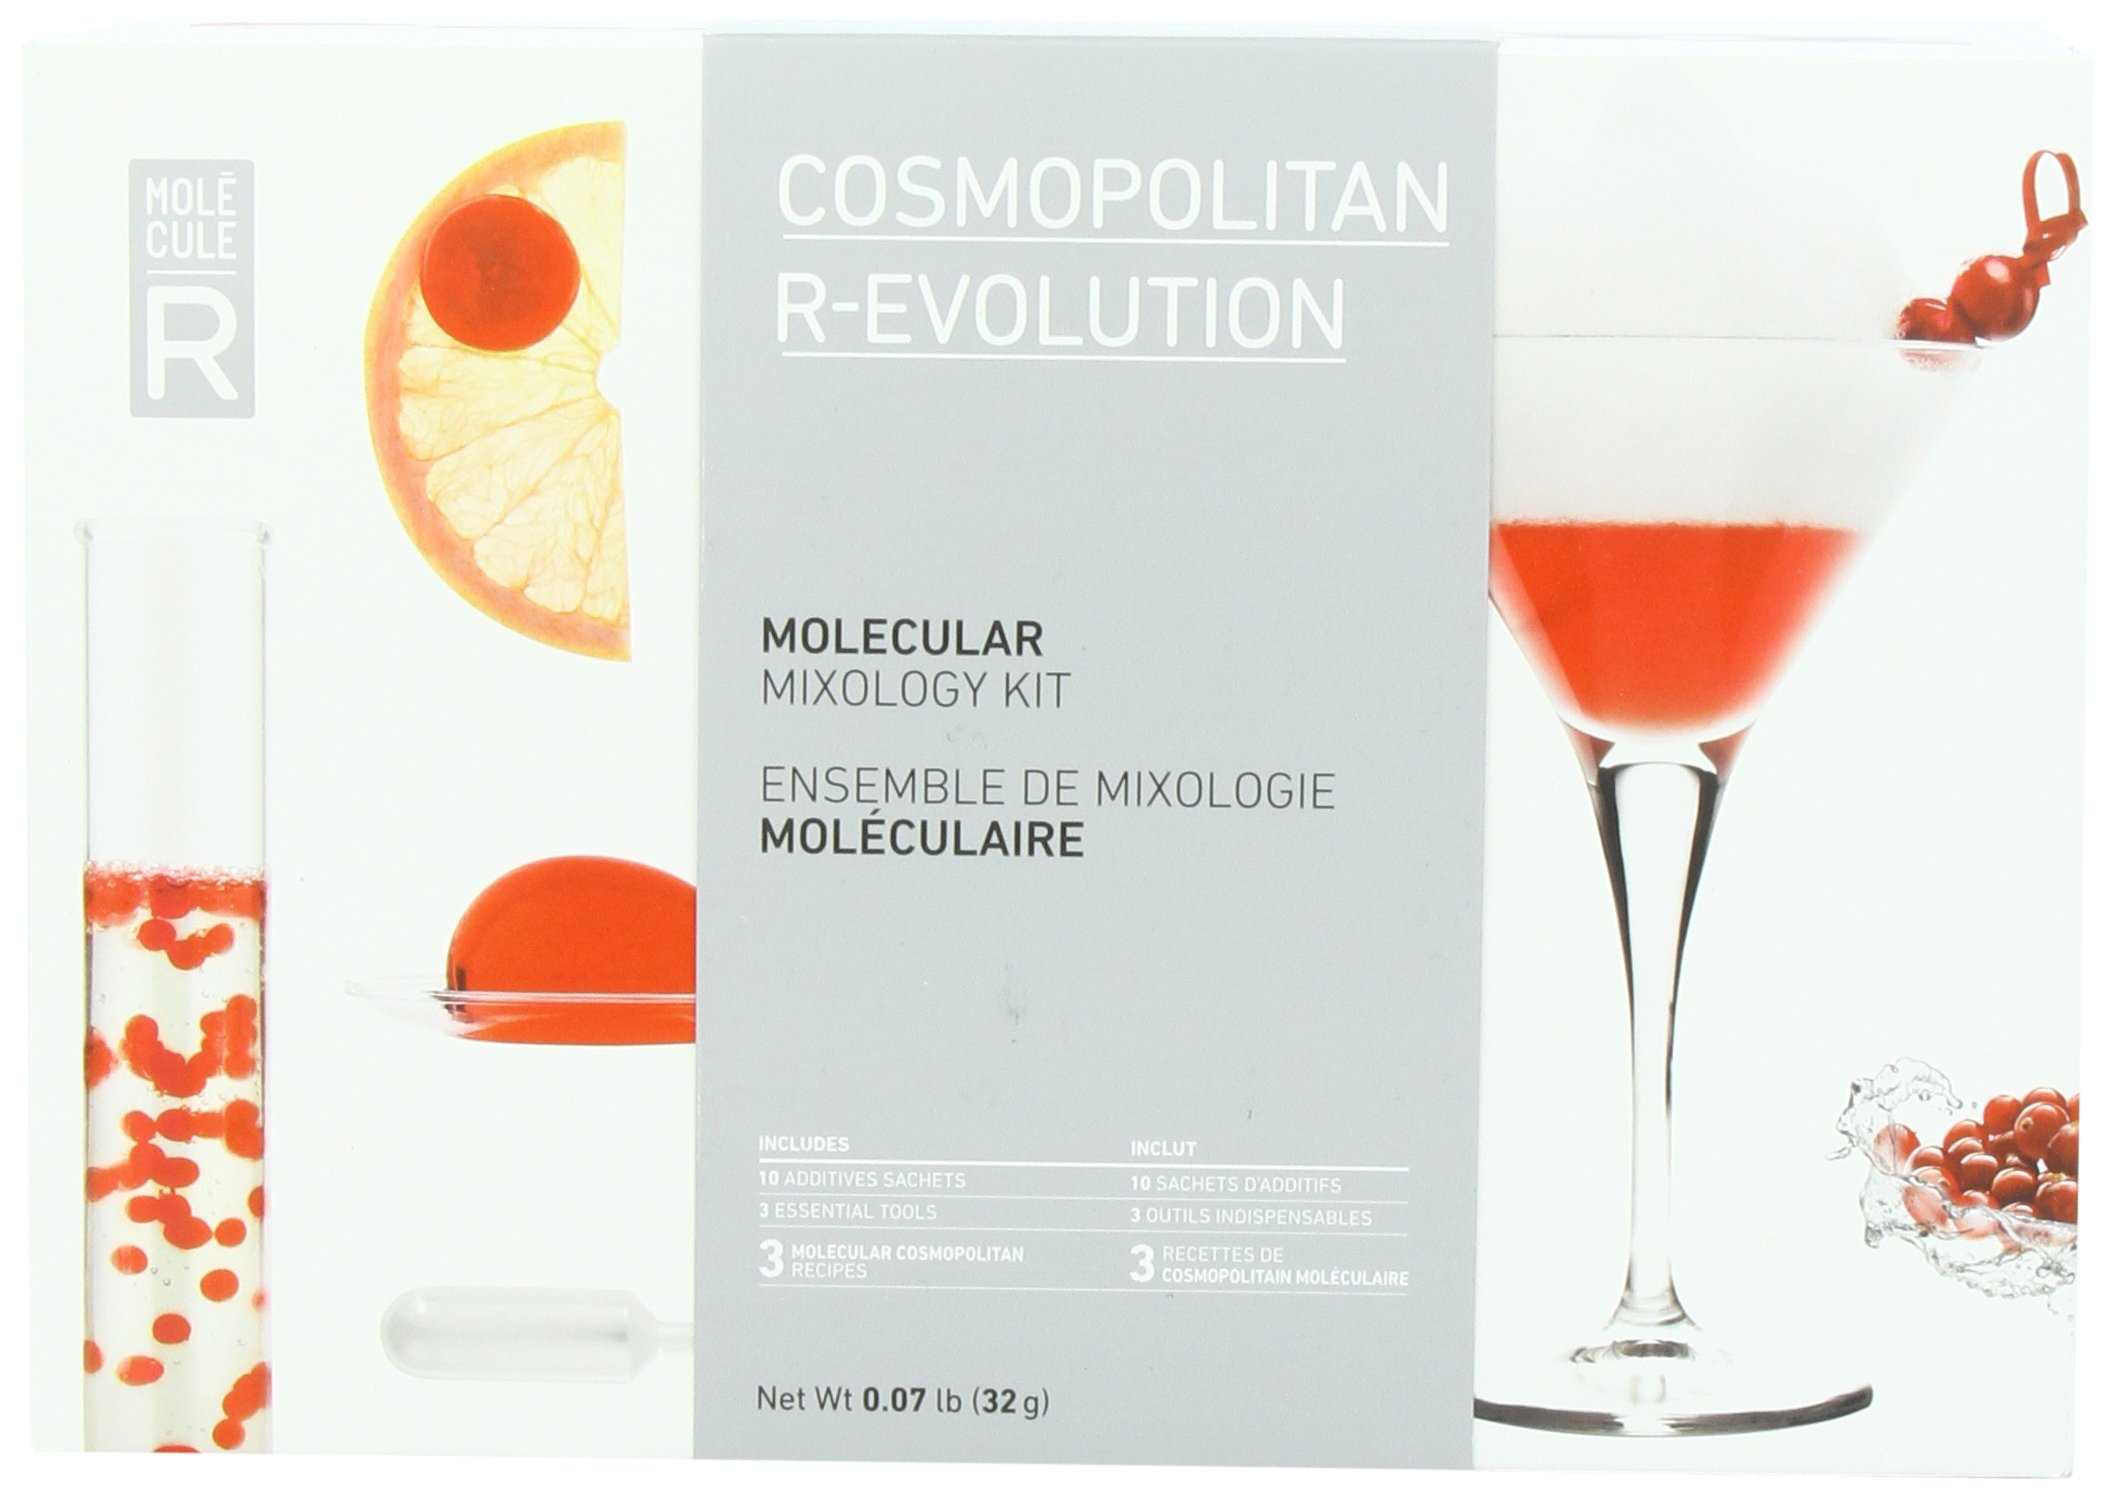 Molecule-R Cosmopolitan, R-Evolution, 32gms